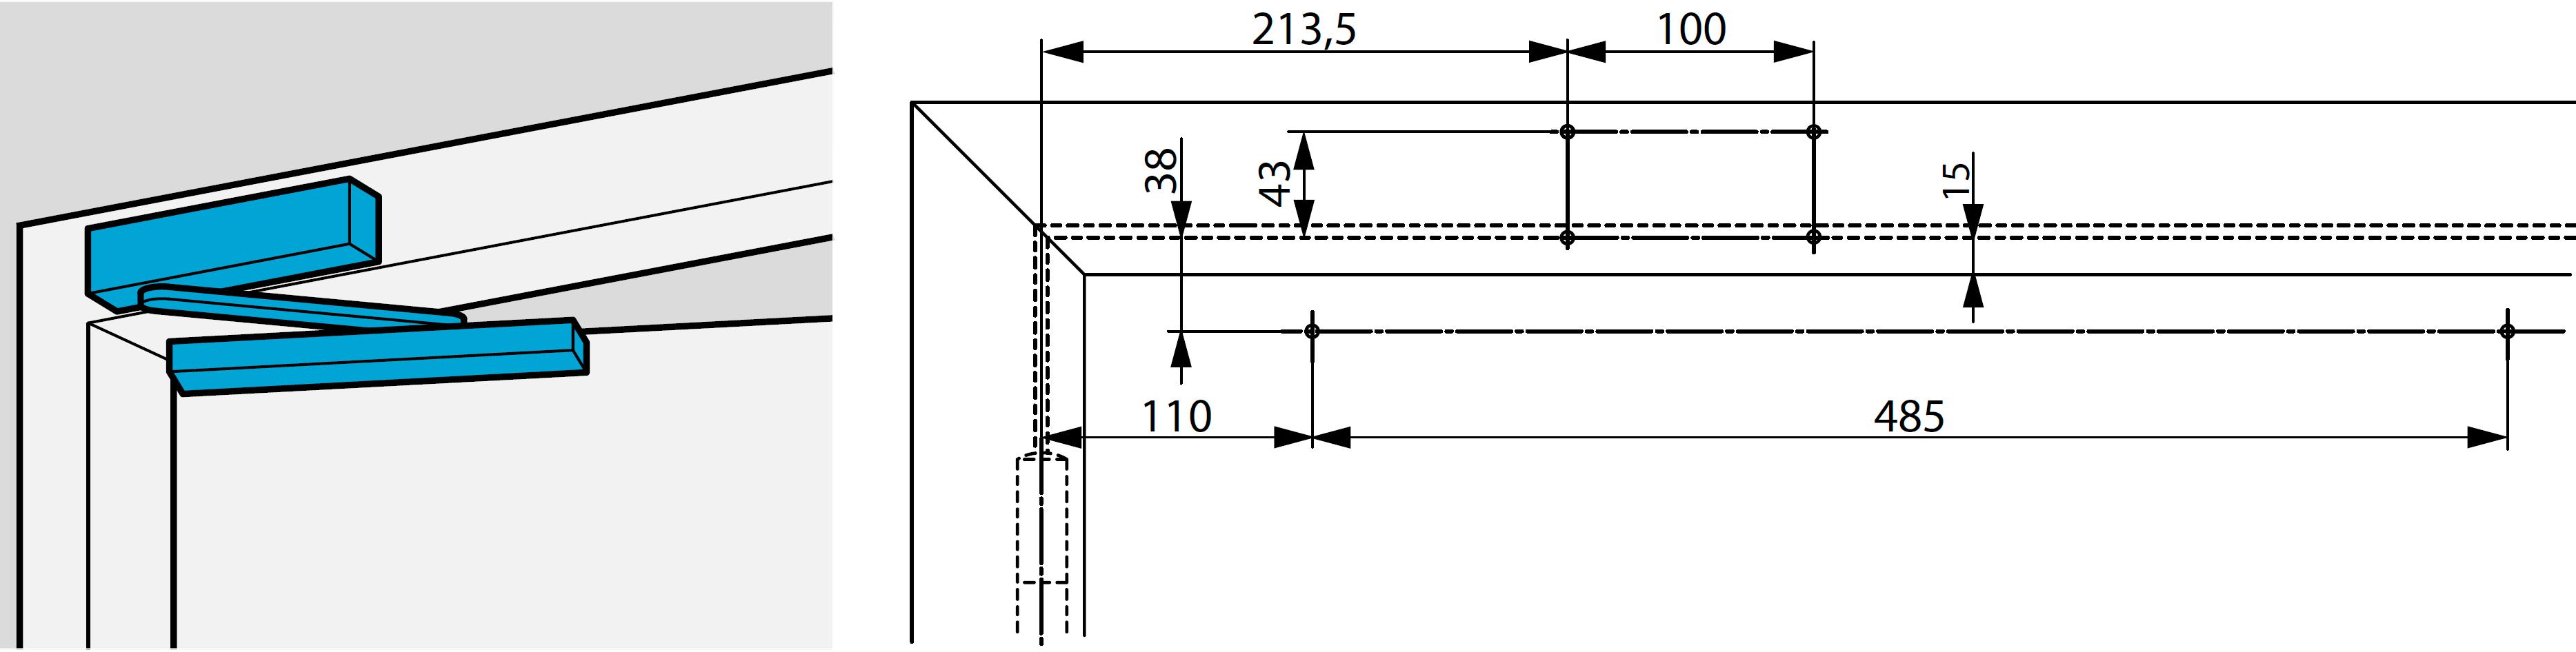 Монтажные размеры при прямом монтаже доводчика DC700 на коробку со стороны обратной петлям Доводчик на коробке со стороны обратной петлям